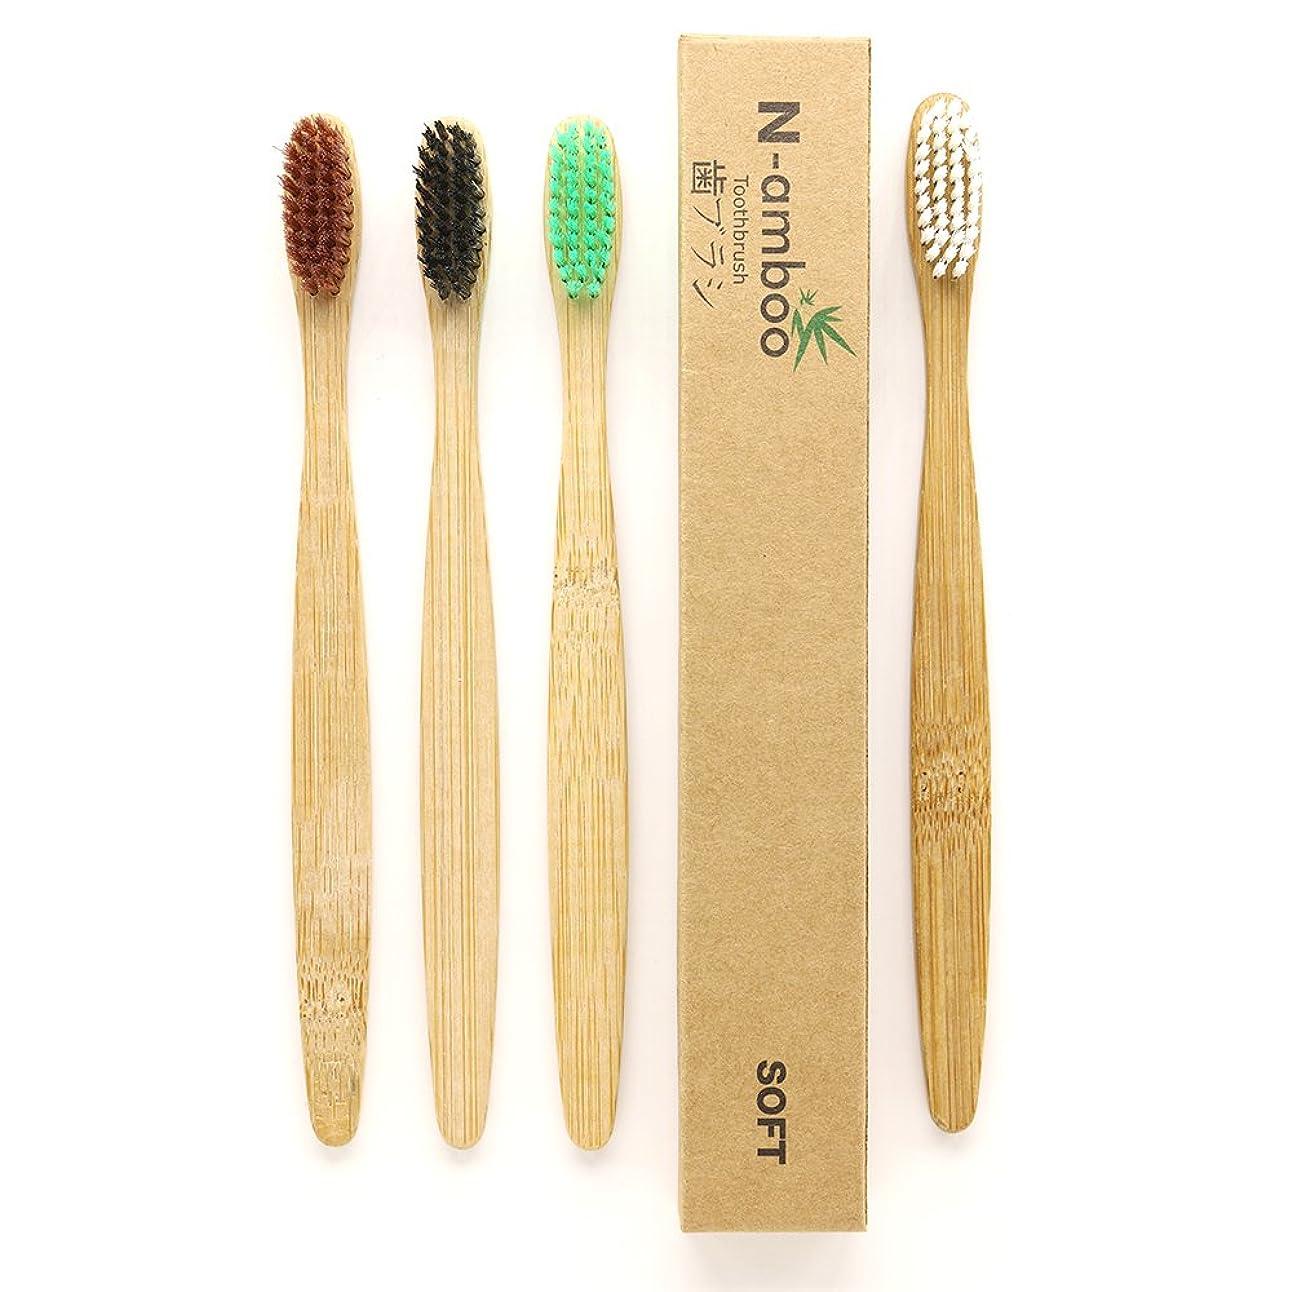 パンチ寓話マーキングN-amboo 竹製耐久度高い 歯ブラシ 4本入り(4色各1本)